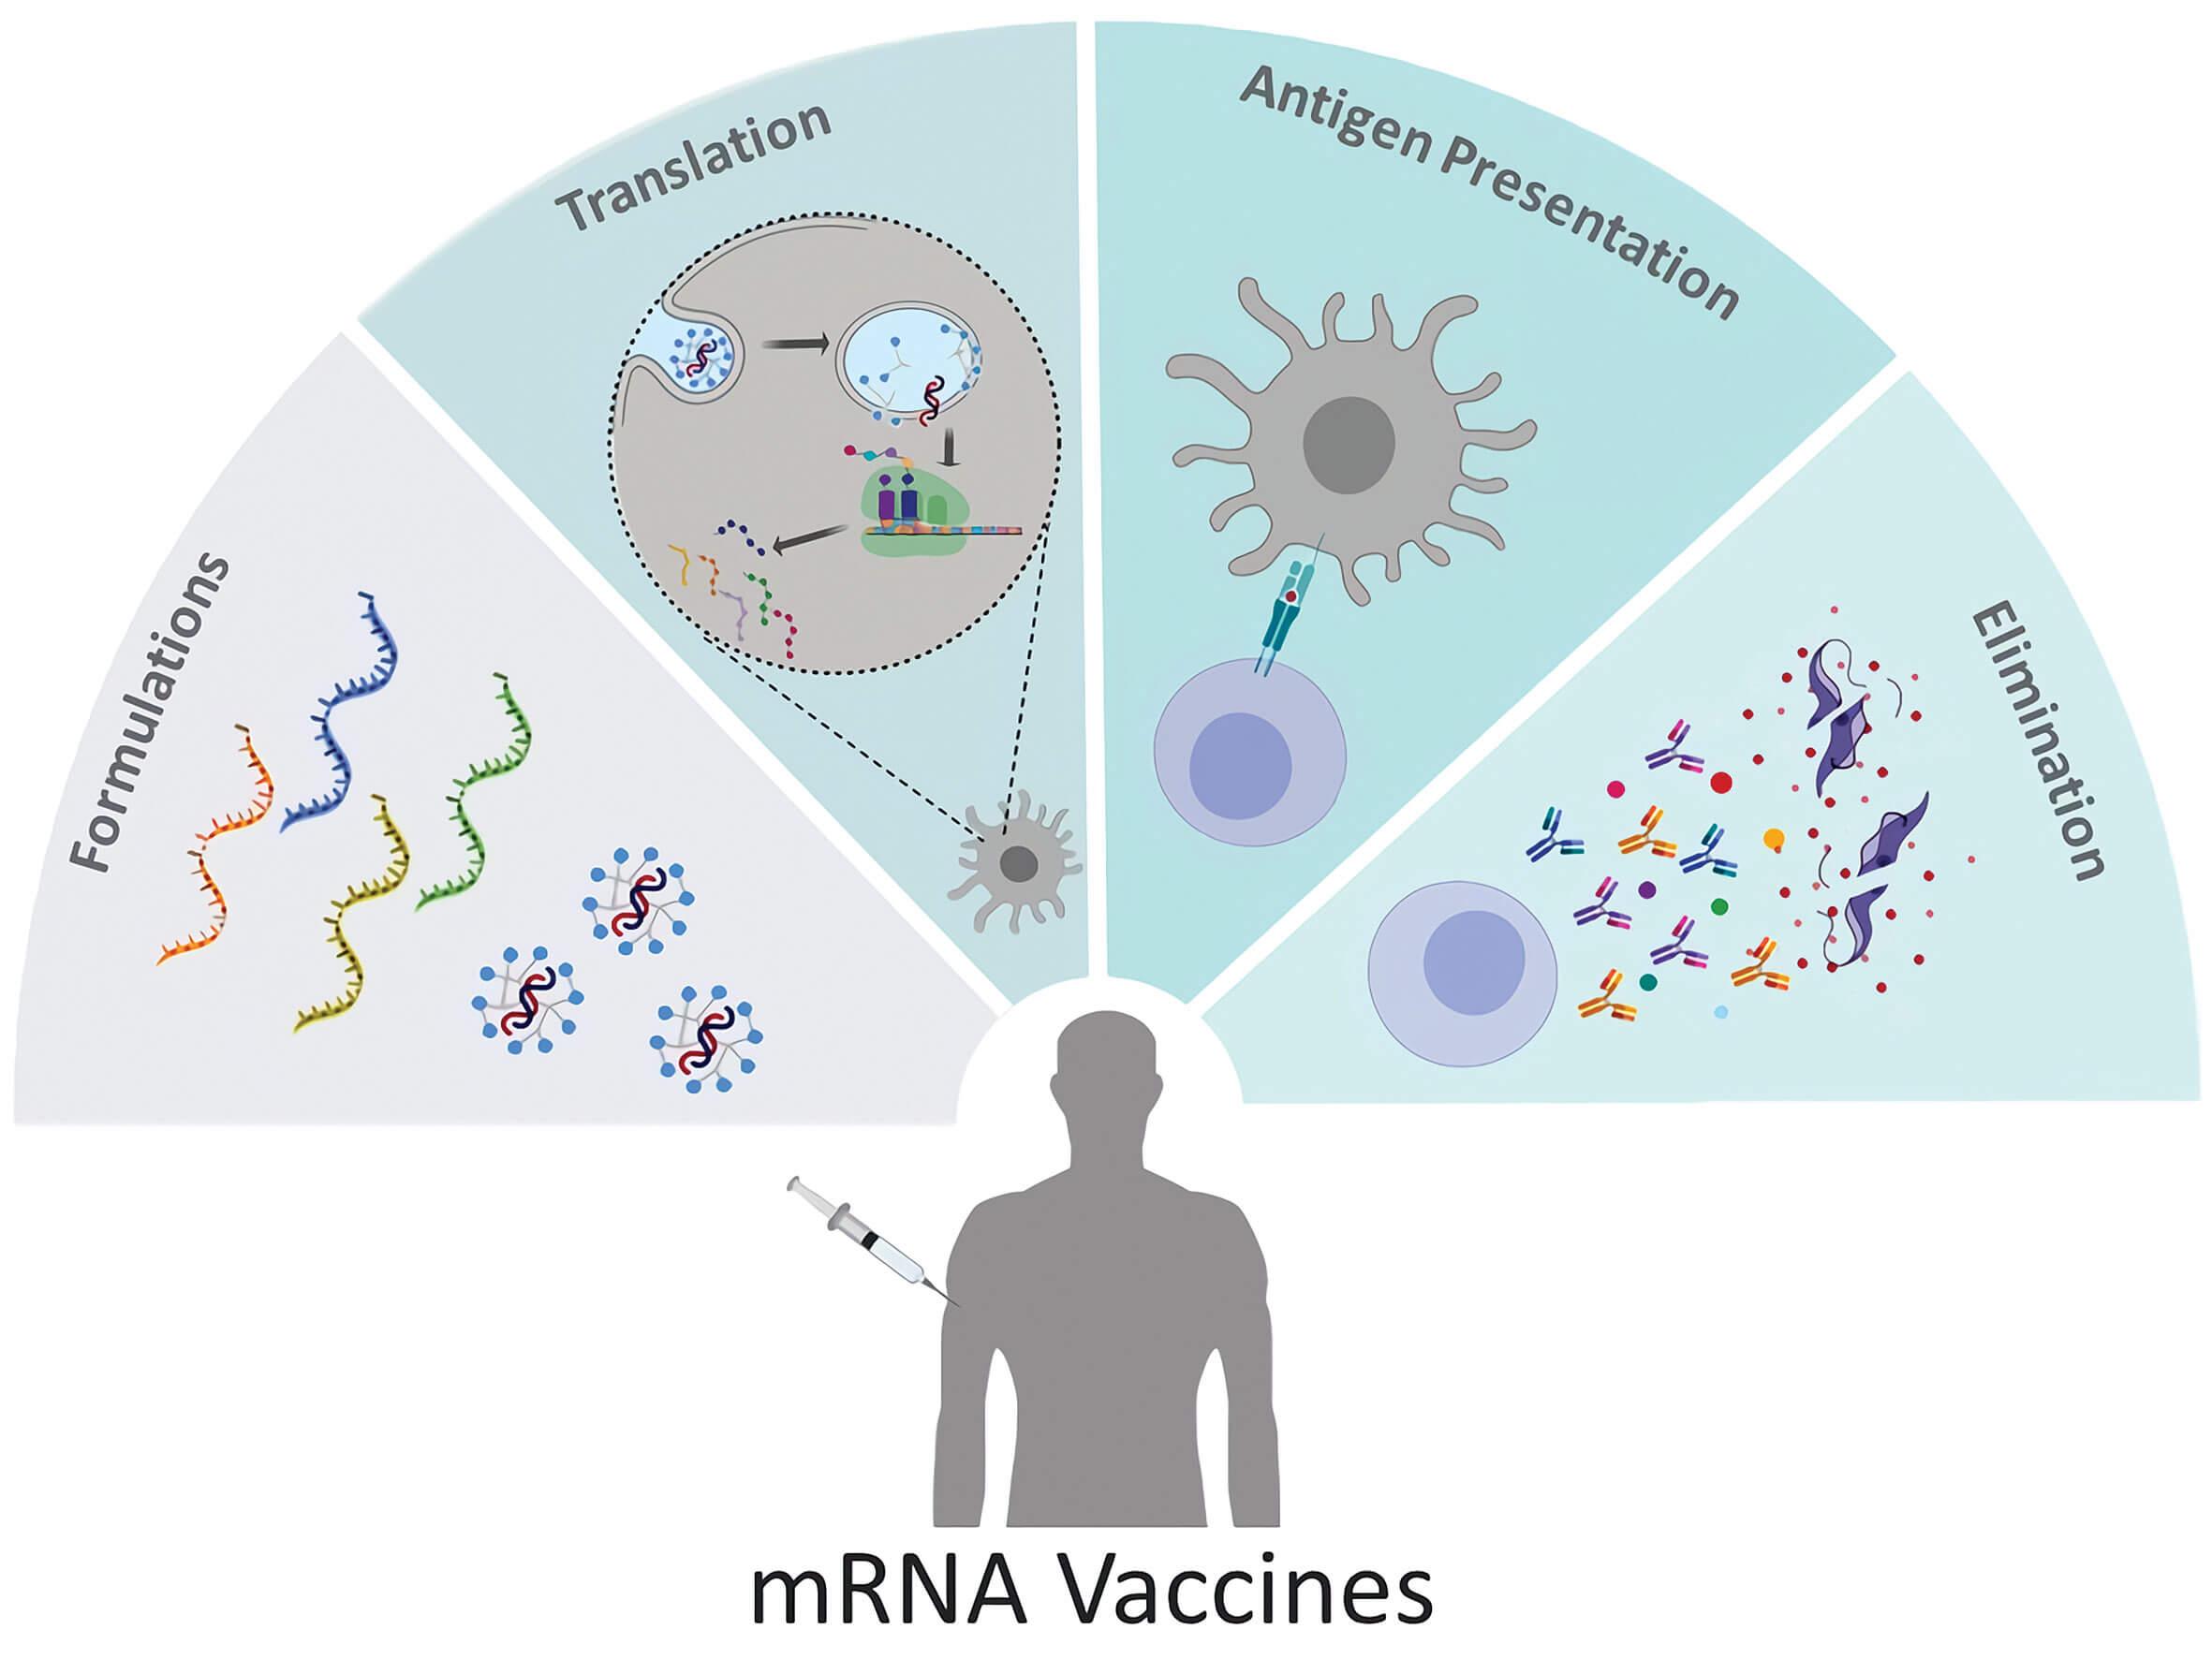 immunotherapy baylorcollegemedicine pollett mrnavaccines